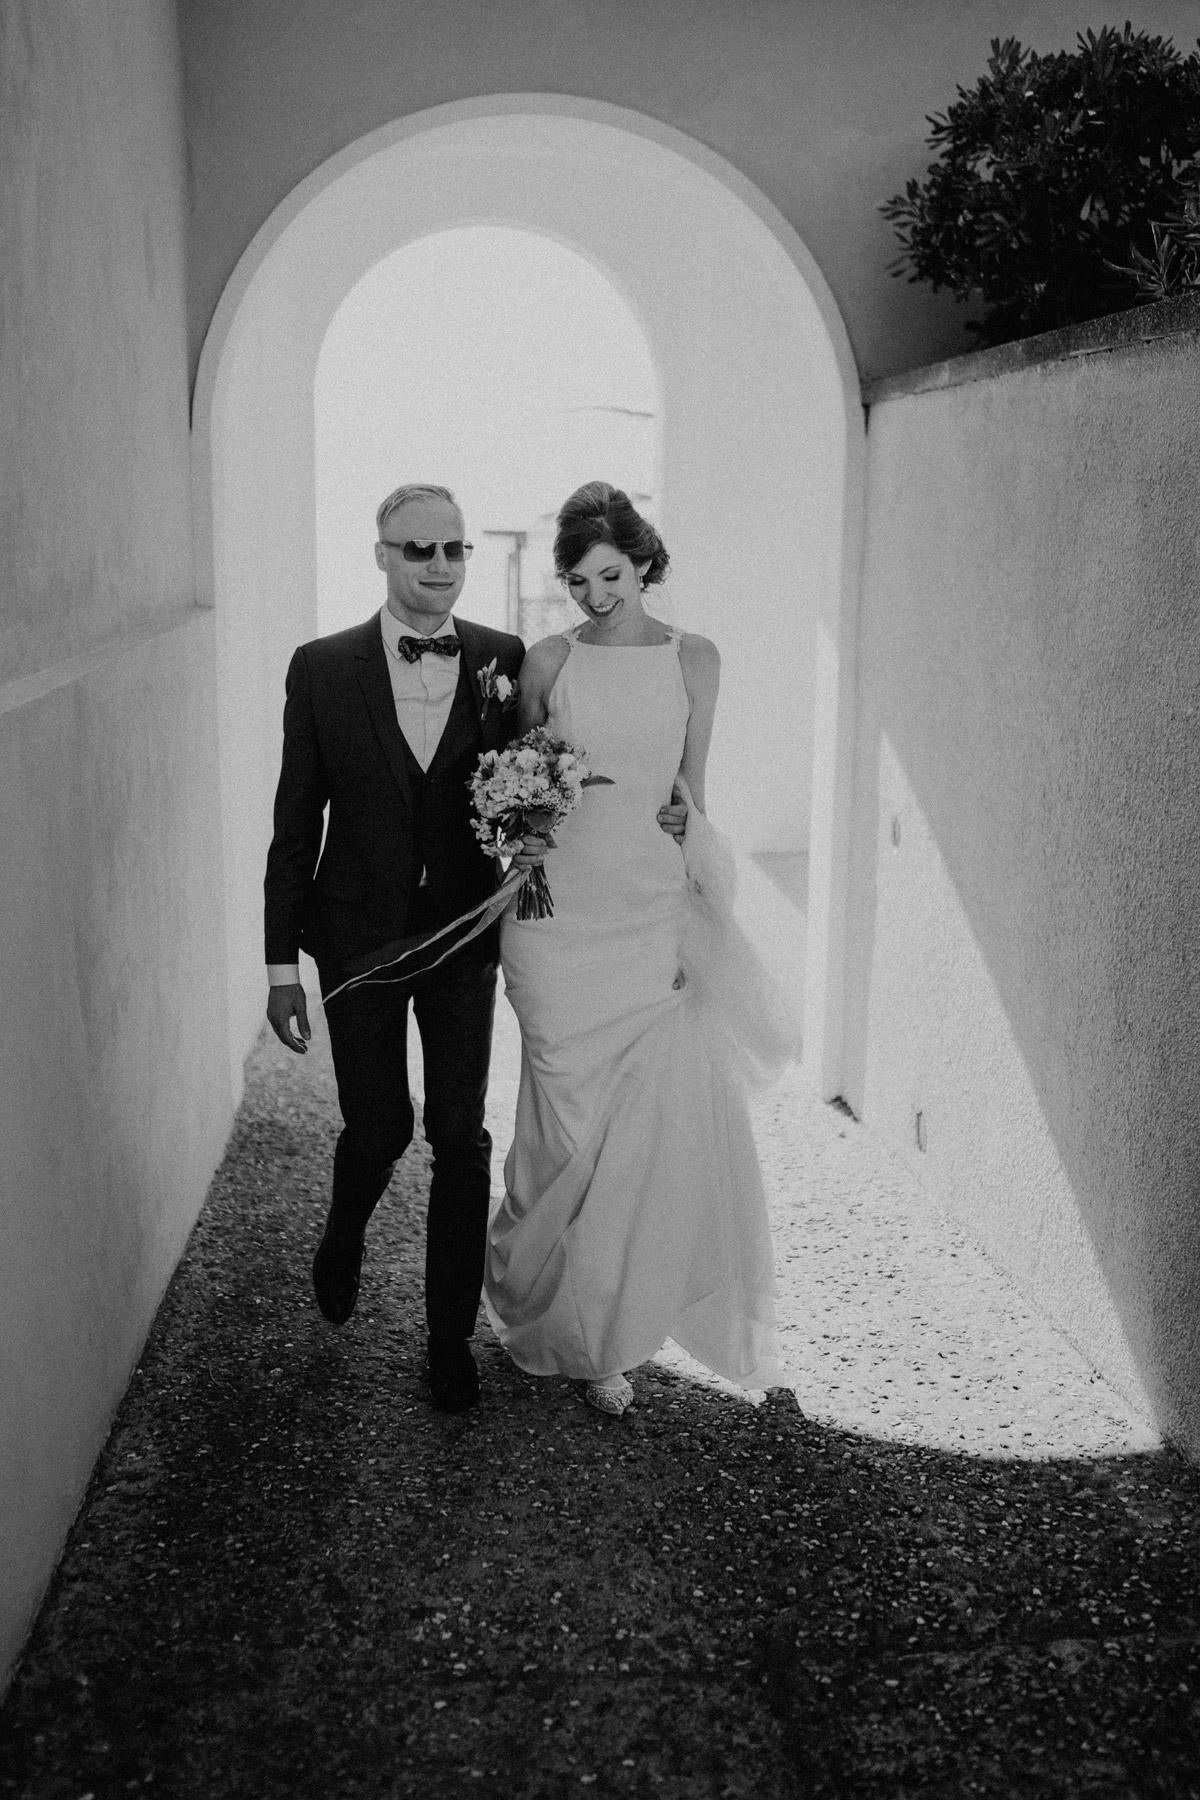 cooles Brautpaar mit Sonnenbrille Italien Hochzeit mit Hochzeitplanerin aus Berlin #hochzeitslicht Toskana Hochzeitsfotos und Hochzeitsfilm © www.hochzeitslicht.de